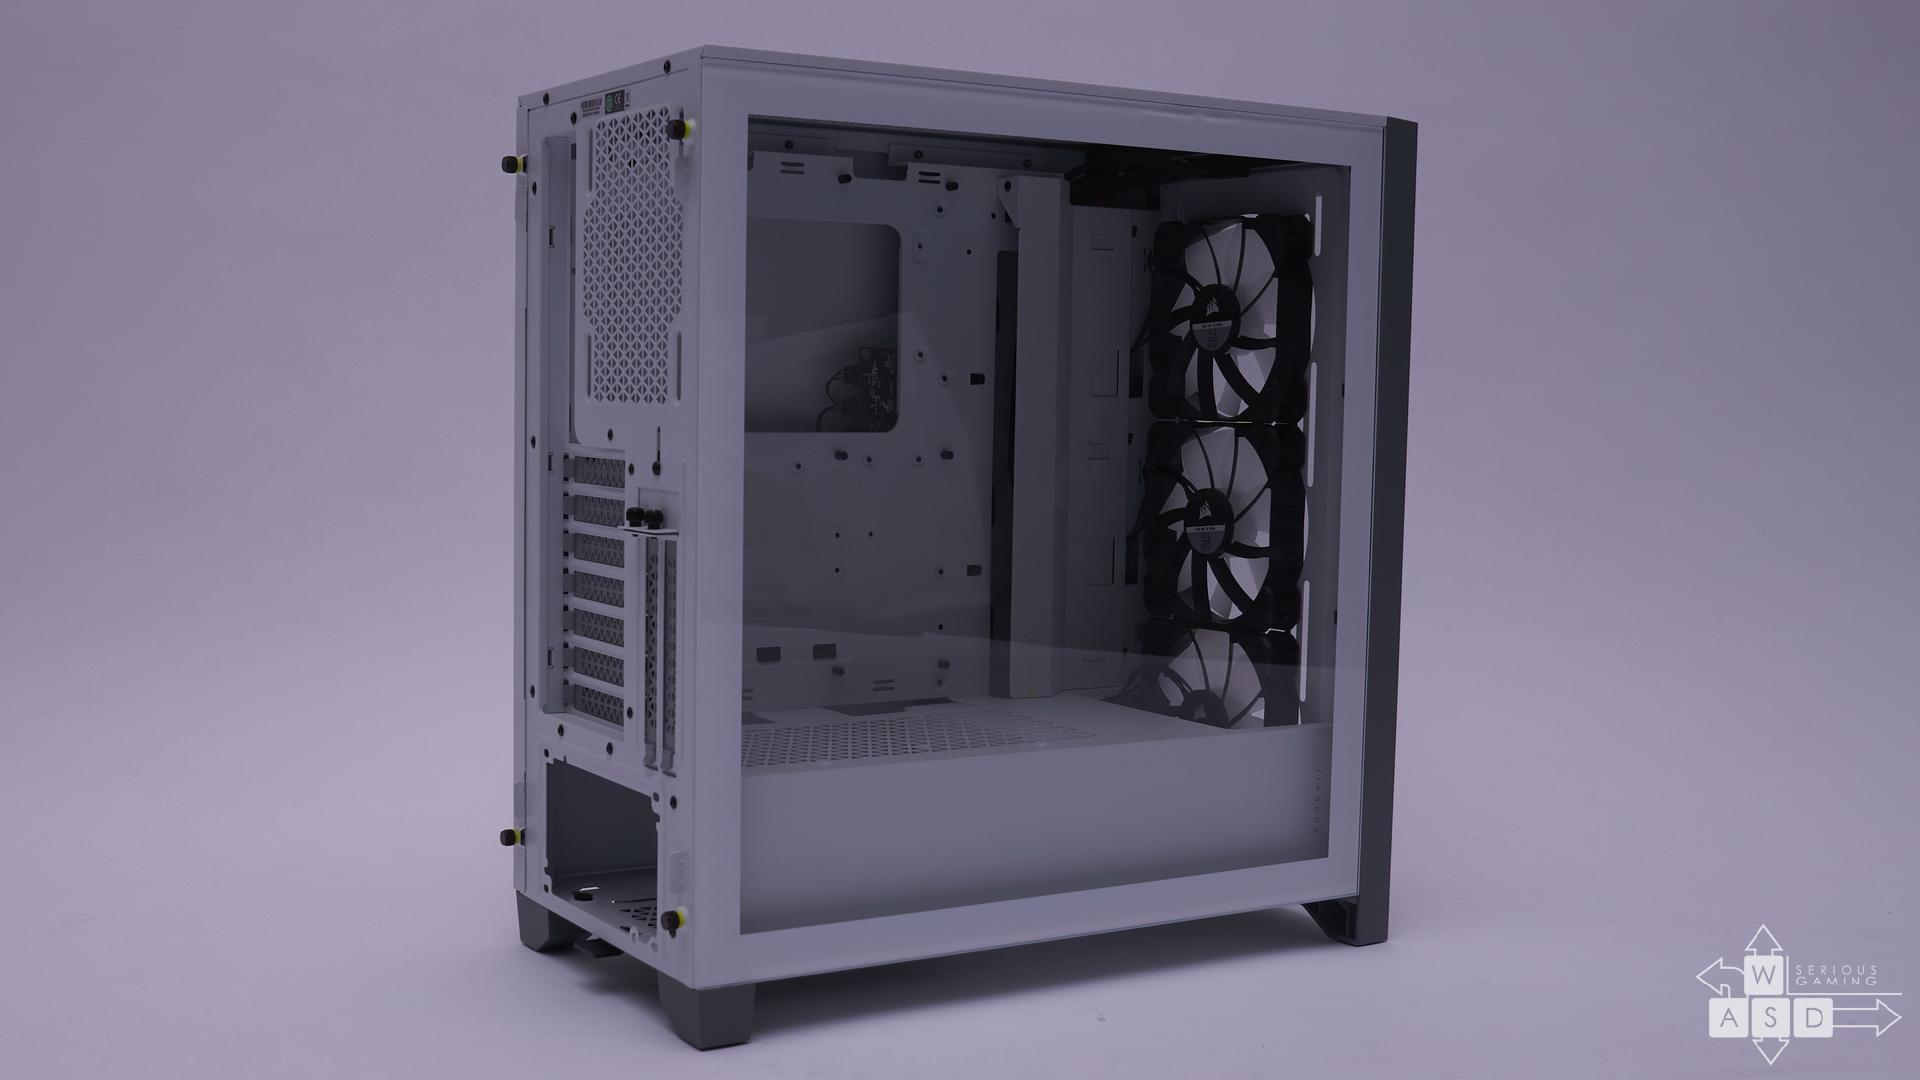 Corsair iCUE 4000X RGB review | WASD